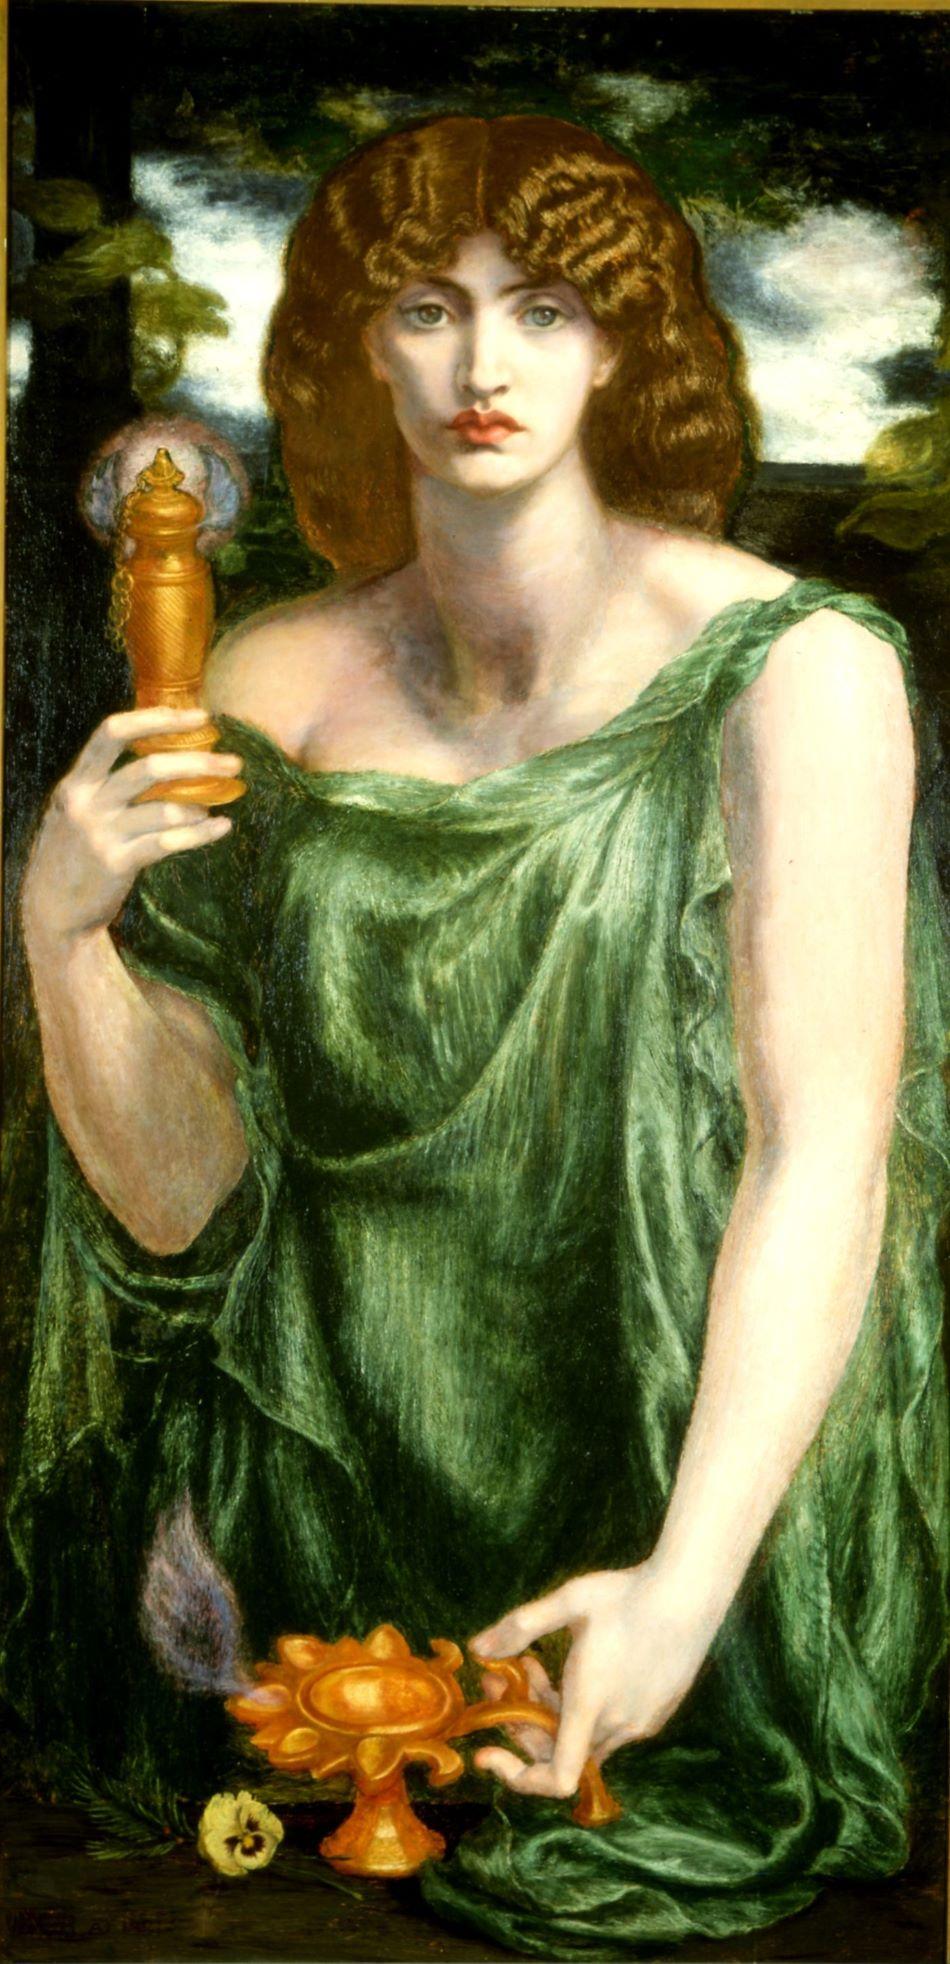 Mnémosyné, starořecká bohyně paměti, na obraze Danteho Gabriela Rossettiho, cca 1876 - 1881, Delaware Art Museum, Samuel and Mary R. Bancroft Memorial [Public domain].